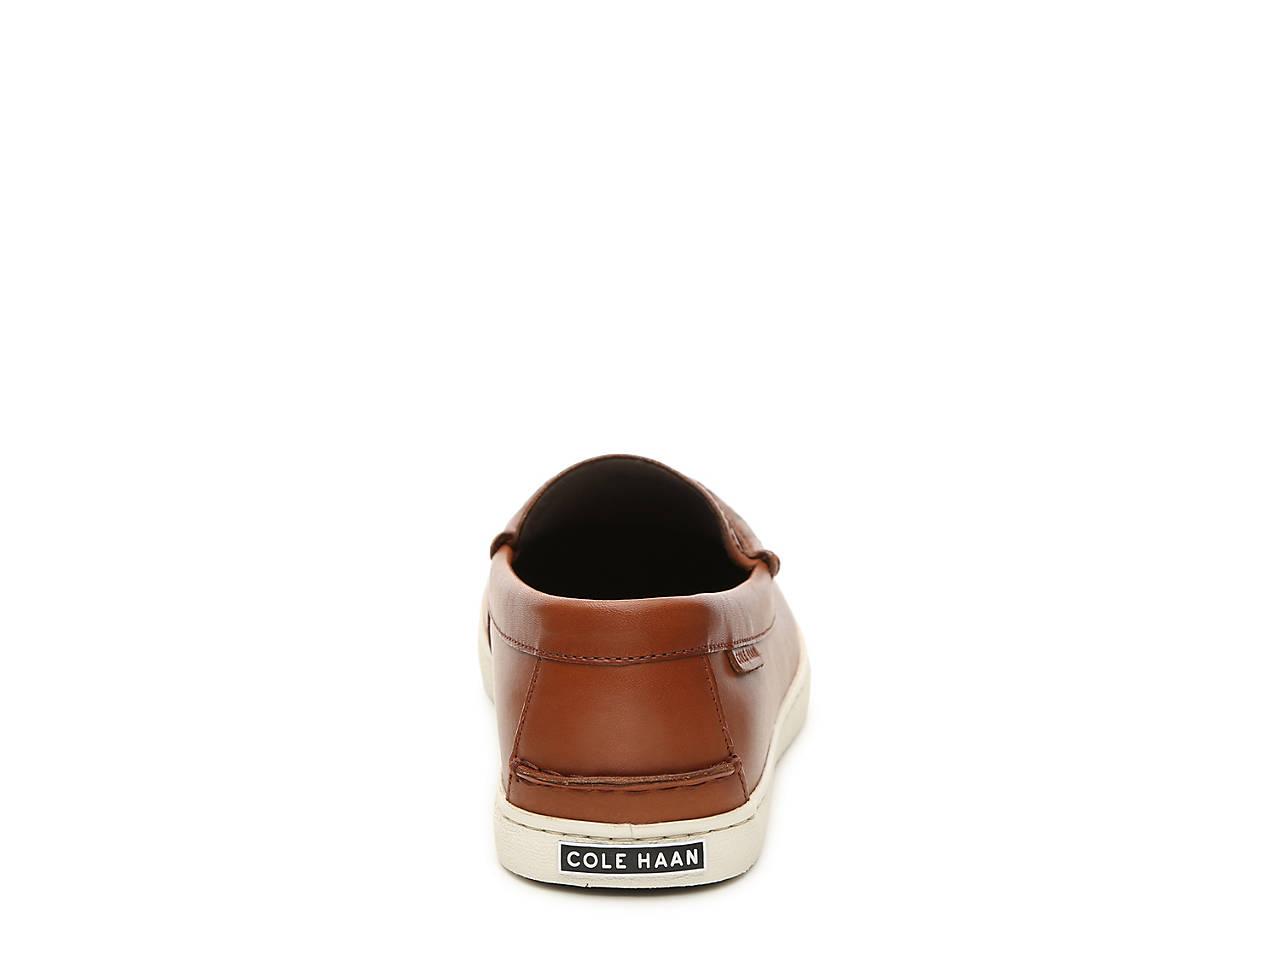 c36135c6250 Cole Haan Nantucket II Penny Loafer Men s Shoes